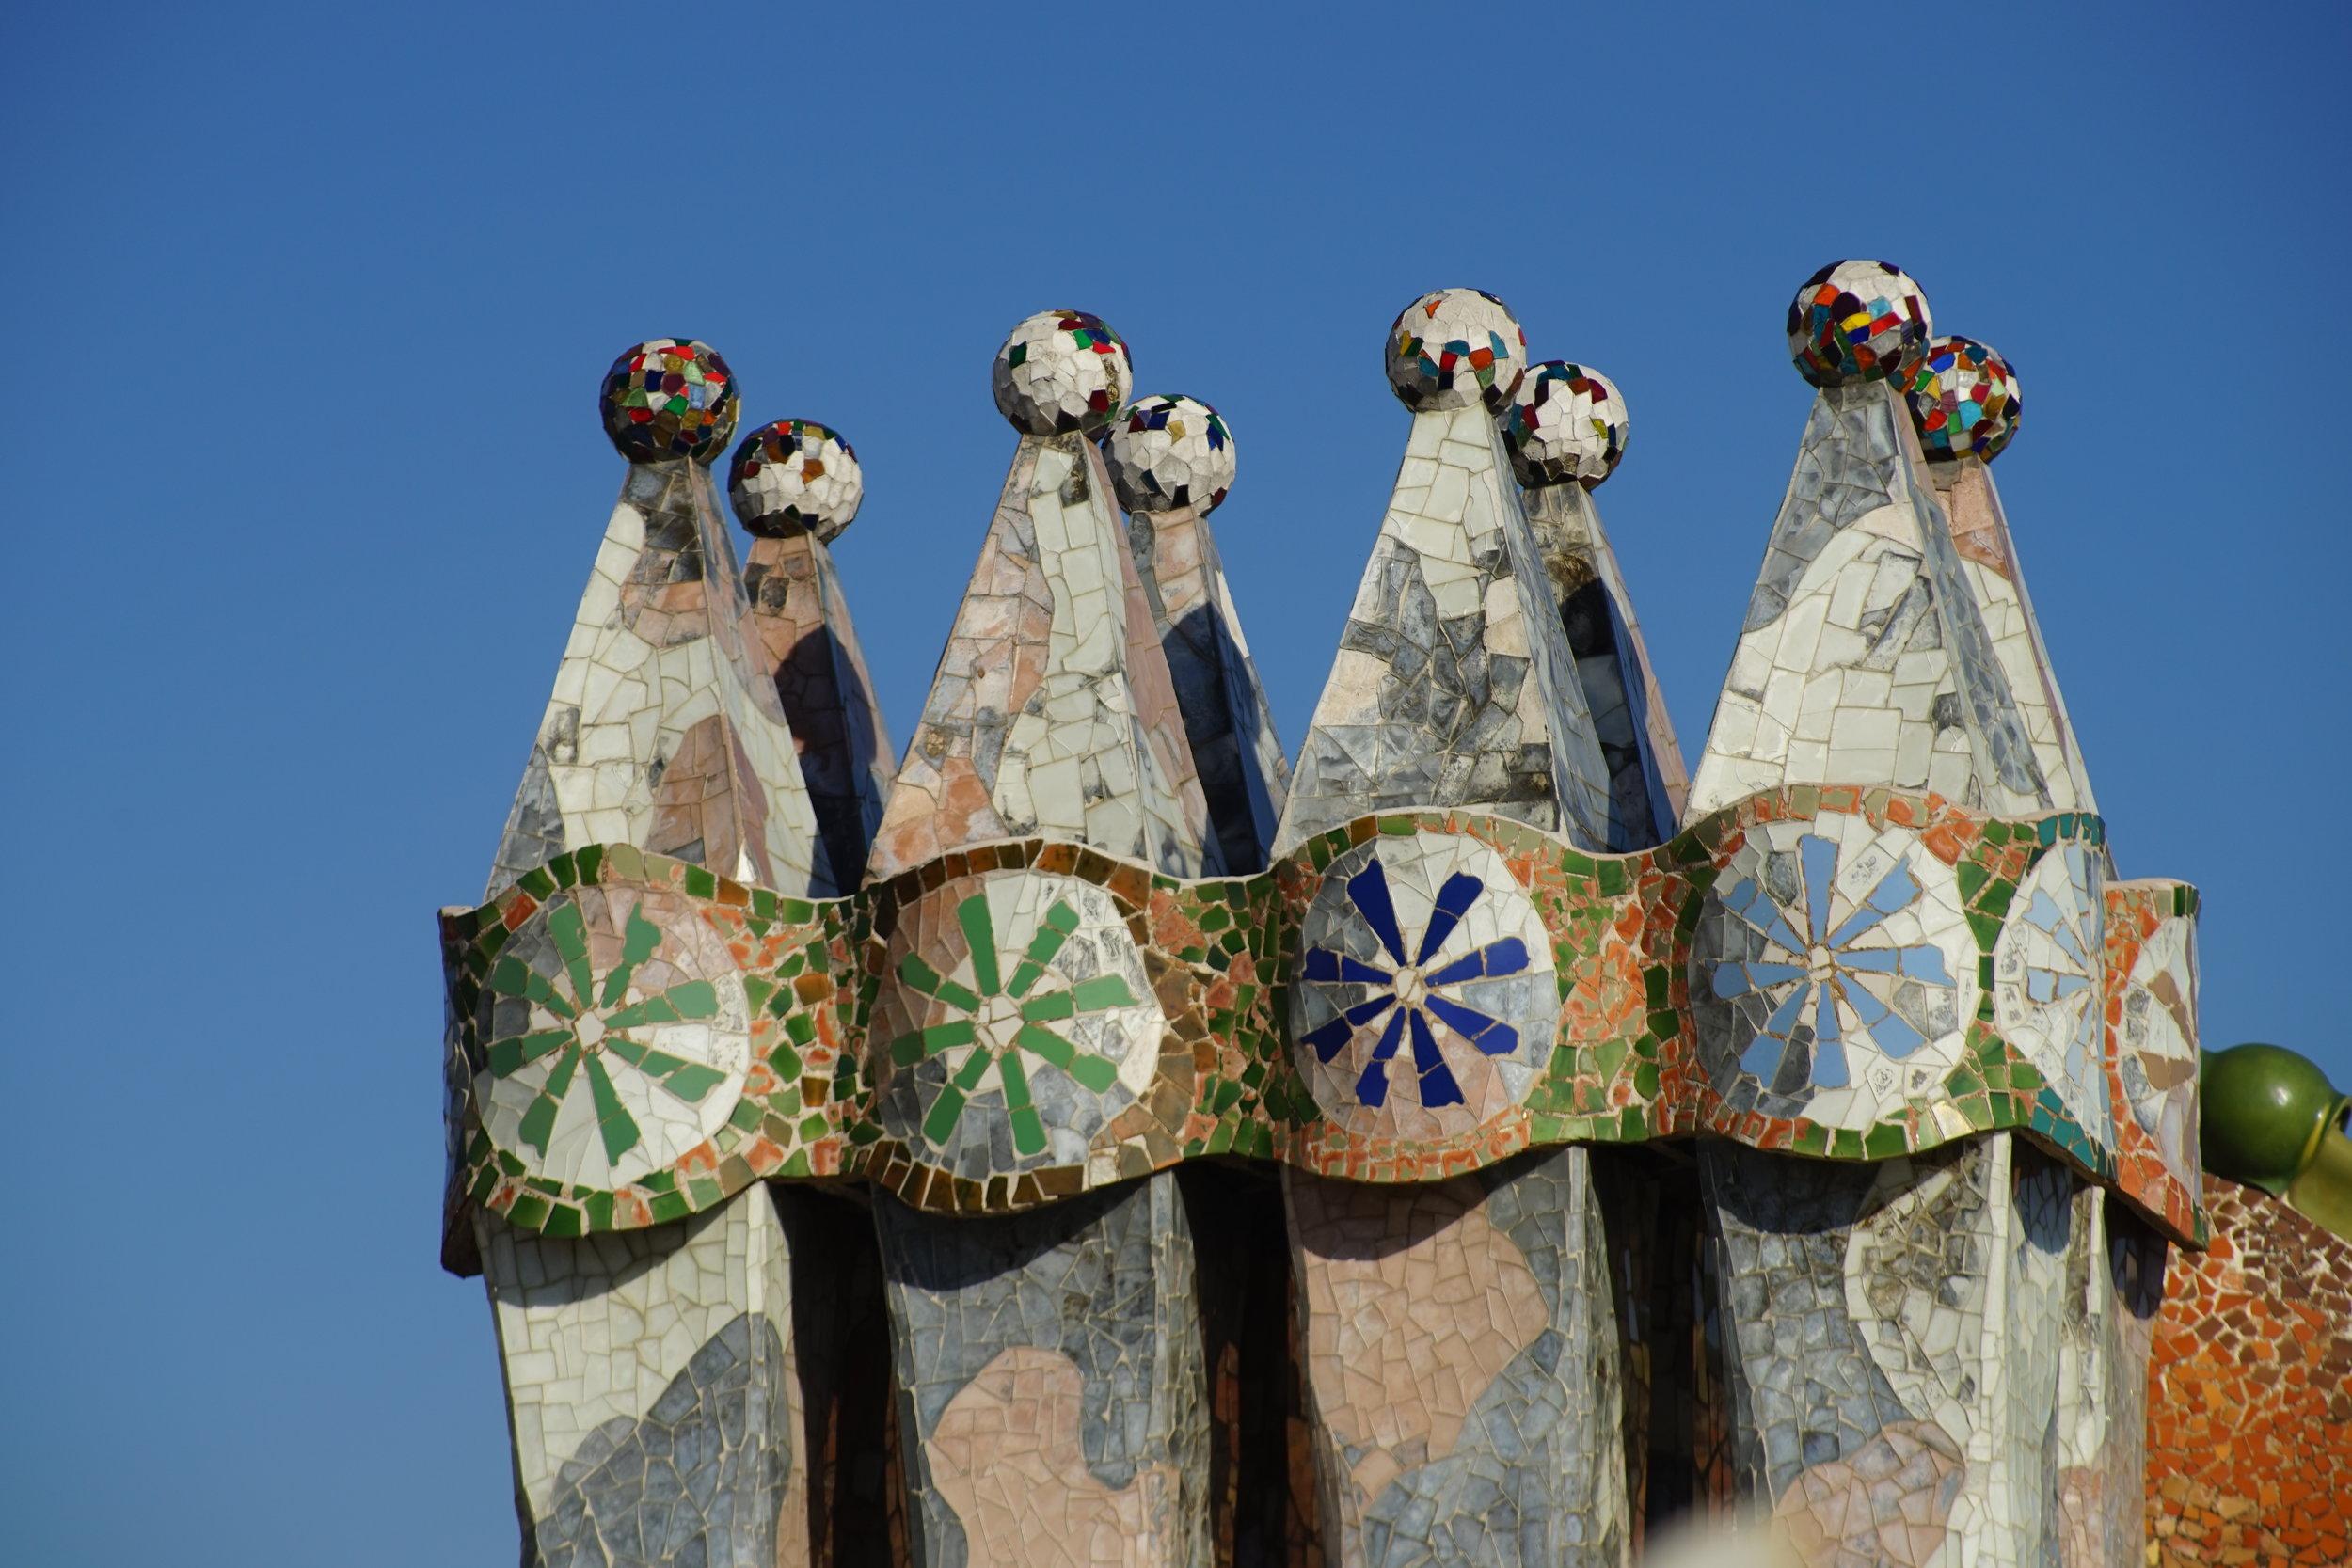 Rooftop chimneys at Casa Batllo